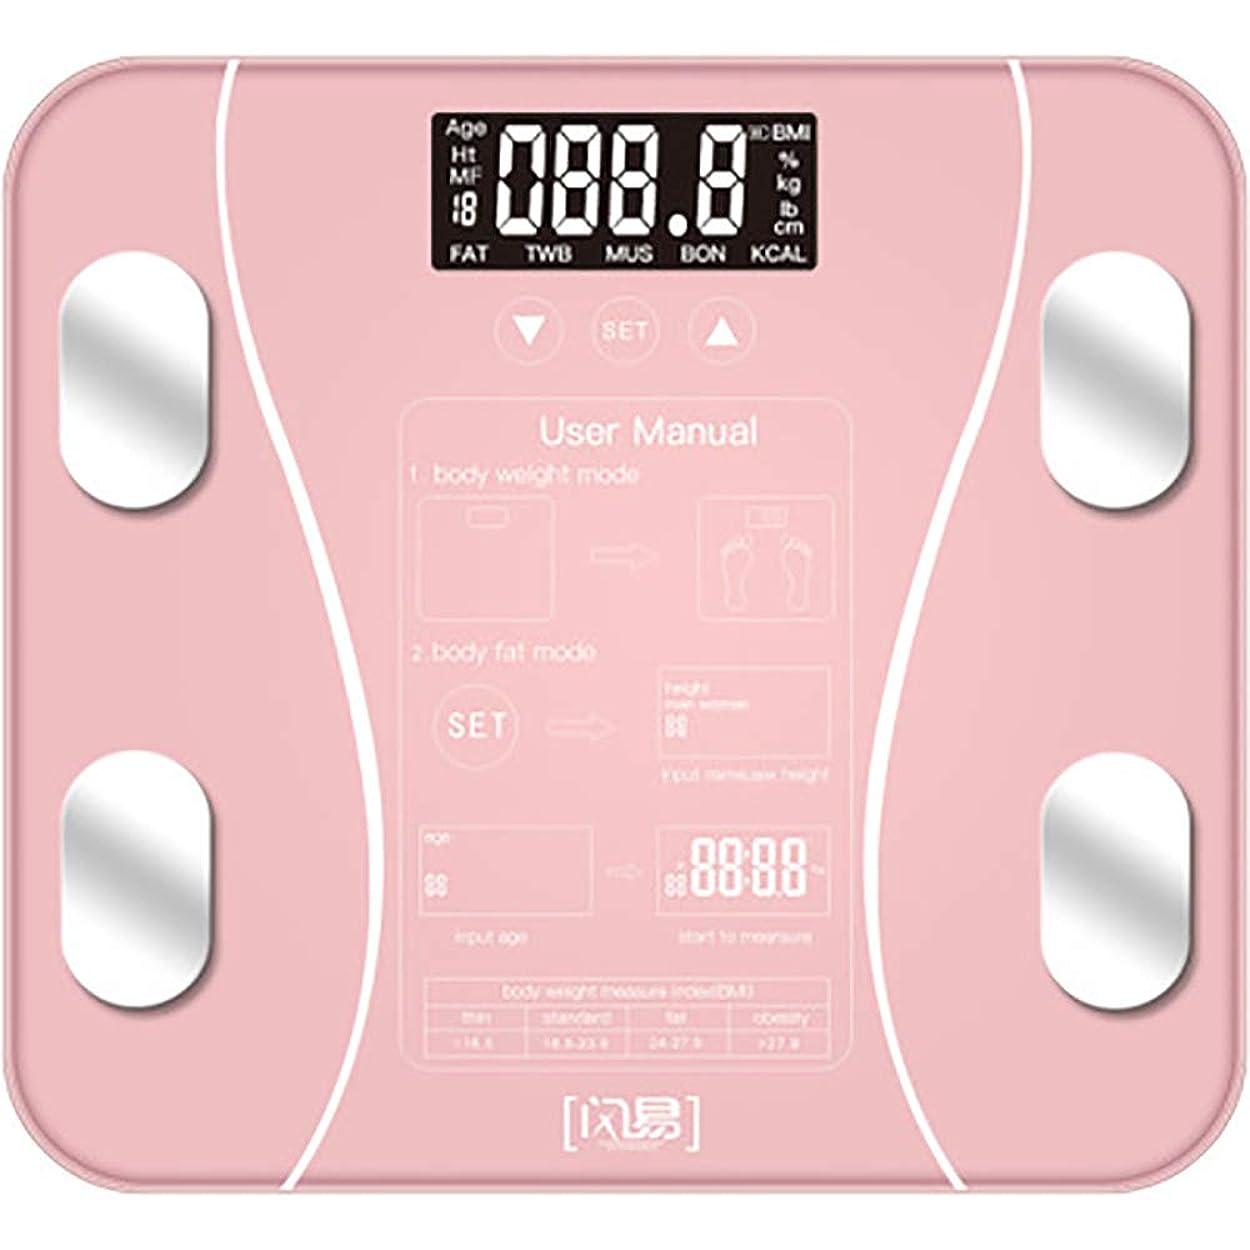 逆にコミットワックス体重計、脂肪、筋肉、BMI、骨量、カロリー、ブラック用バックライト付きLCD付き体重計、デジタル体重計、体組成計,B